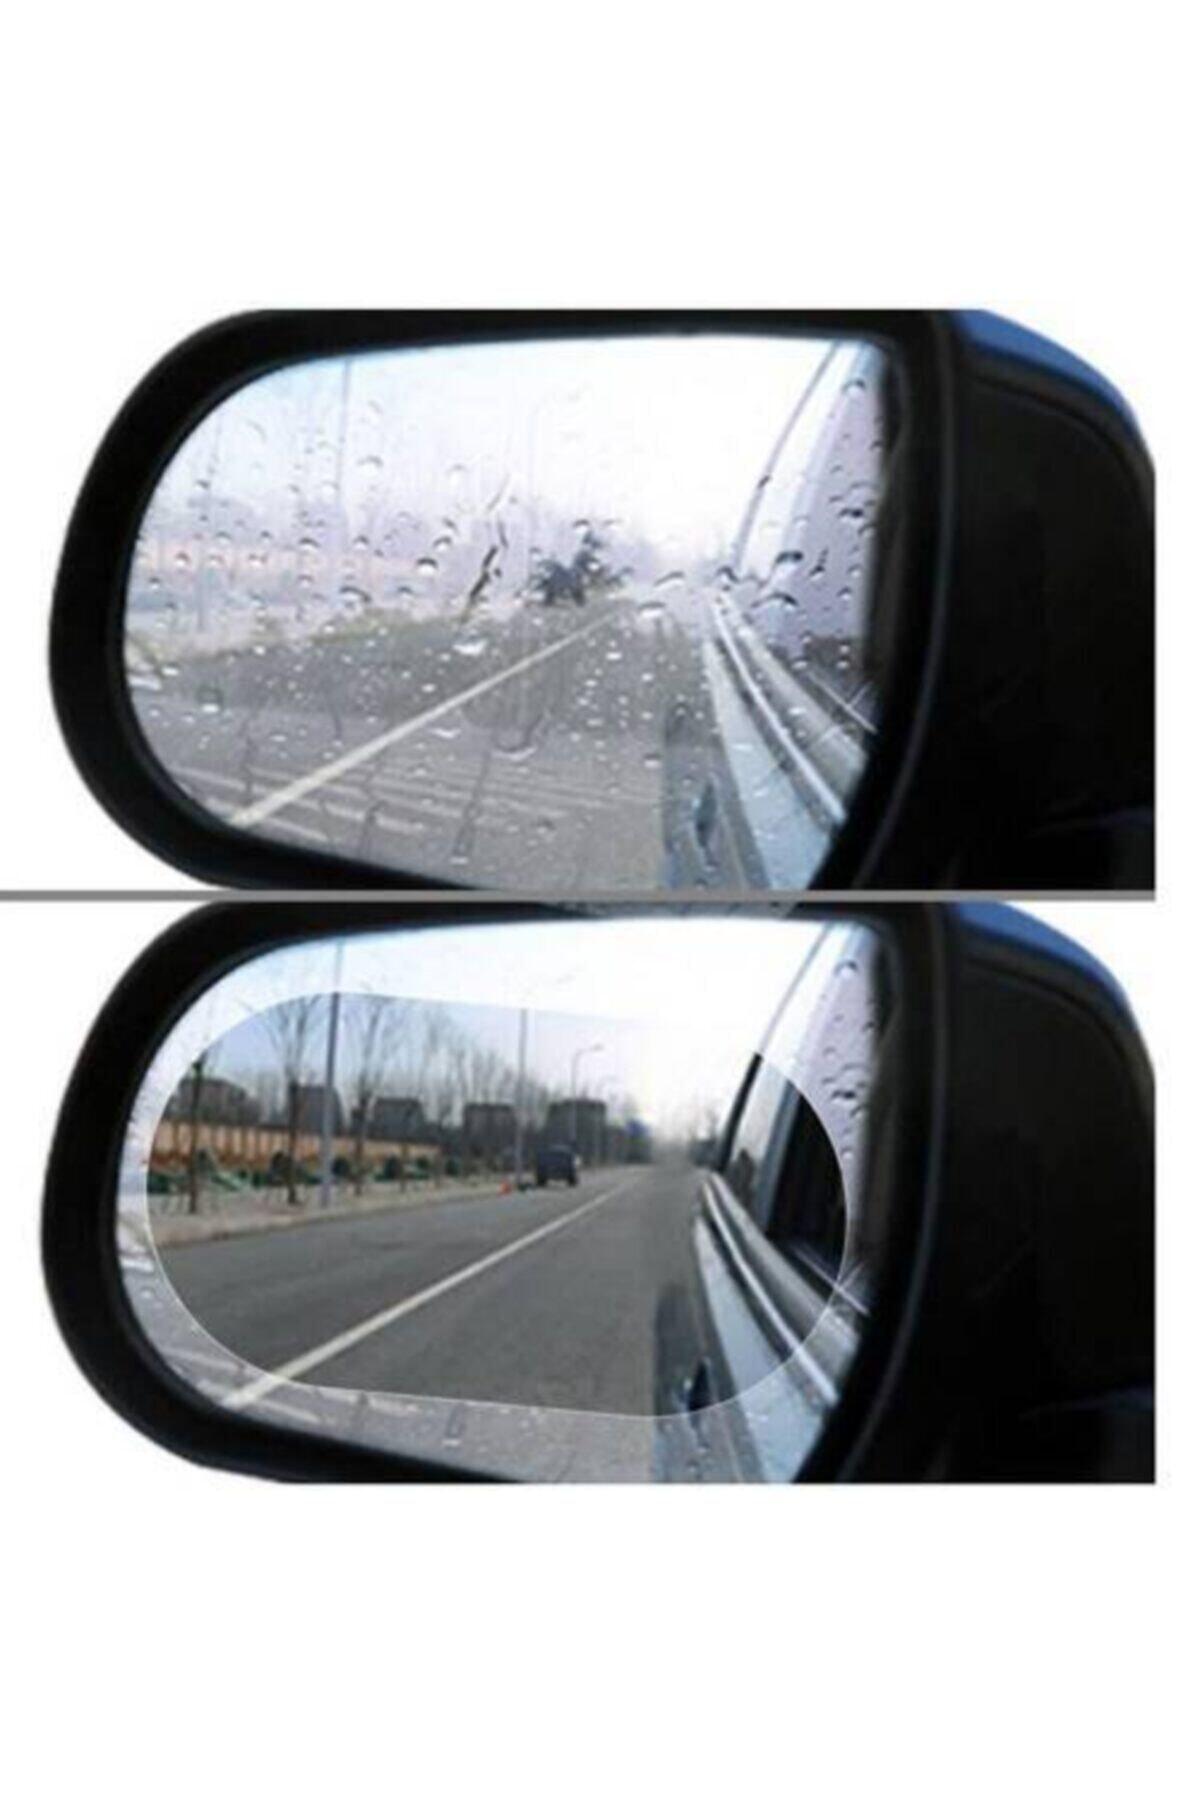 Ayna Sun Otomobil Yan Ayna Çift Yağmur Su Tutmaz Ve Buğu Önleyici Film 2ad 1